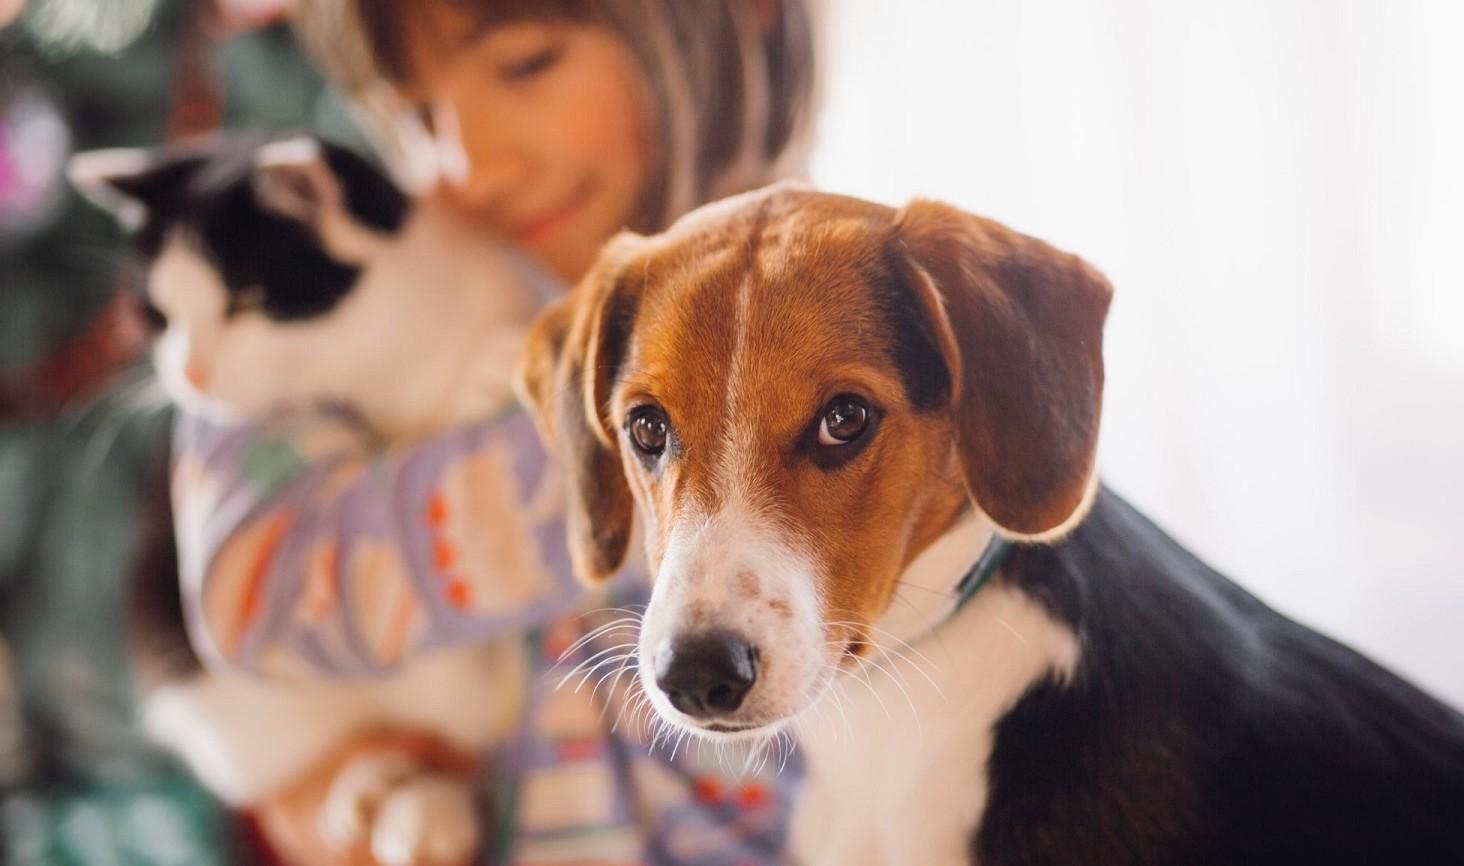 Animali domestici e le parti comuni del condominio